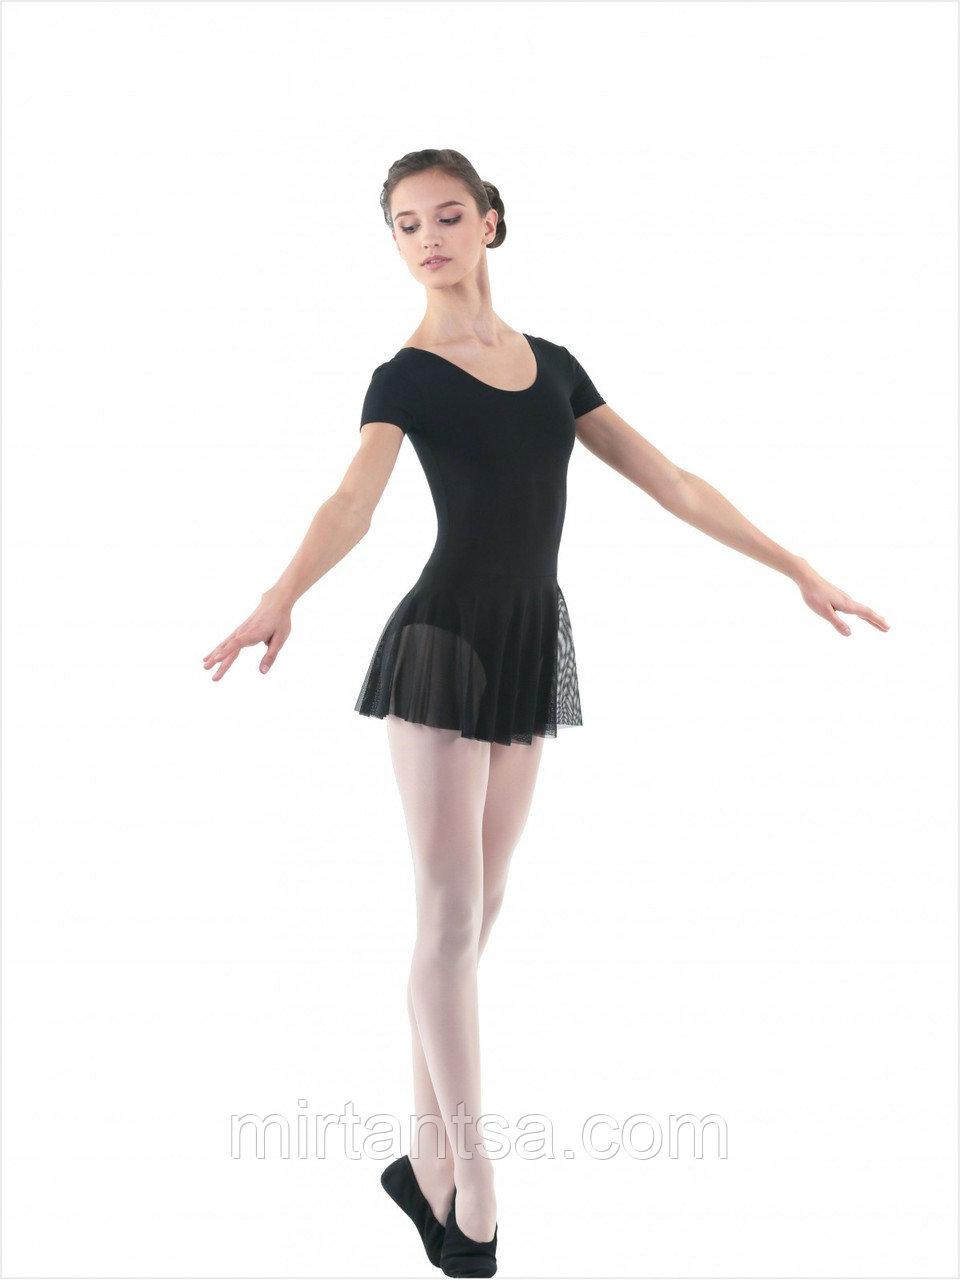 FD961 Купальник для хореографии и танцев белый /черный 28  размер